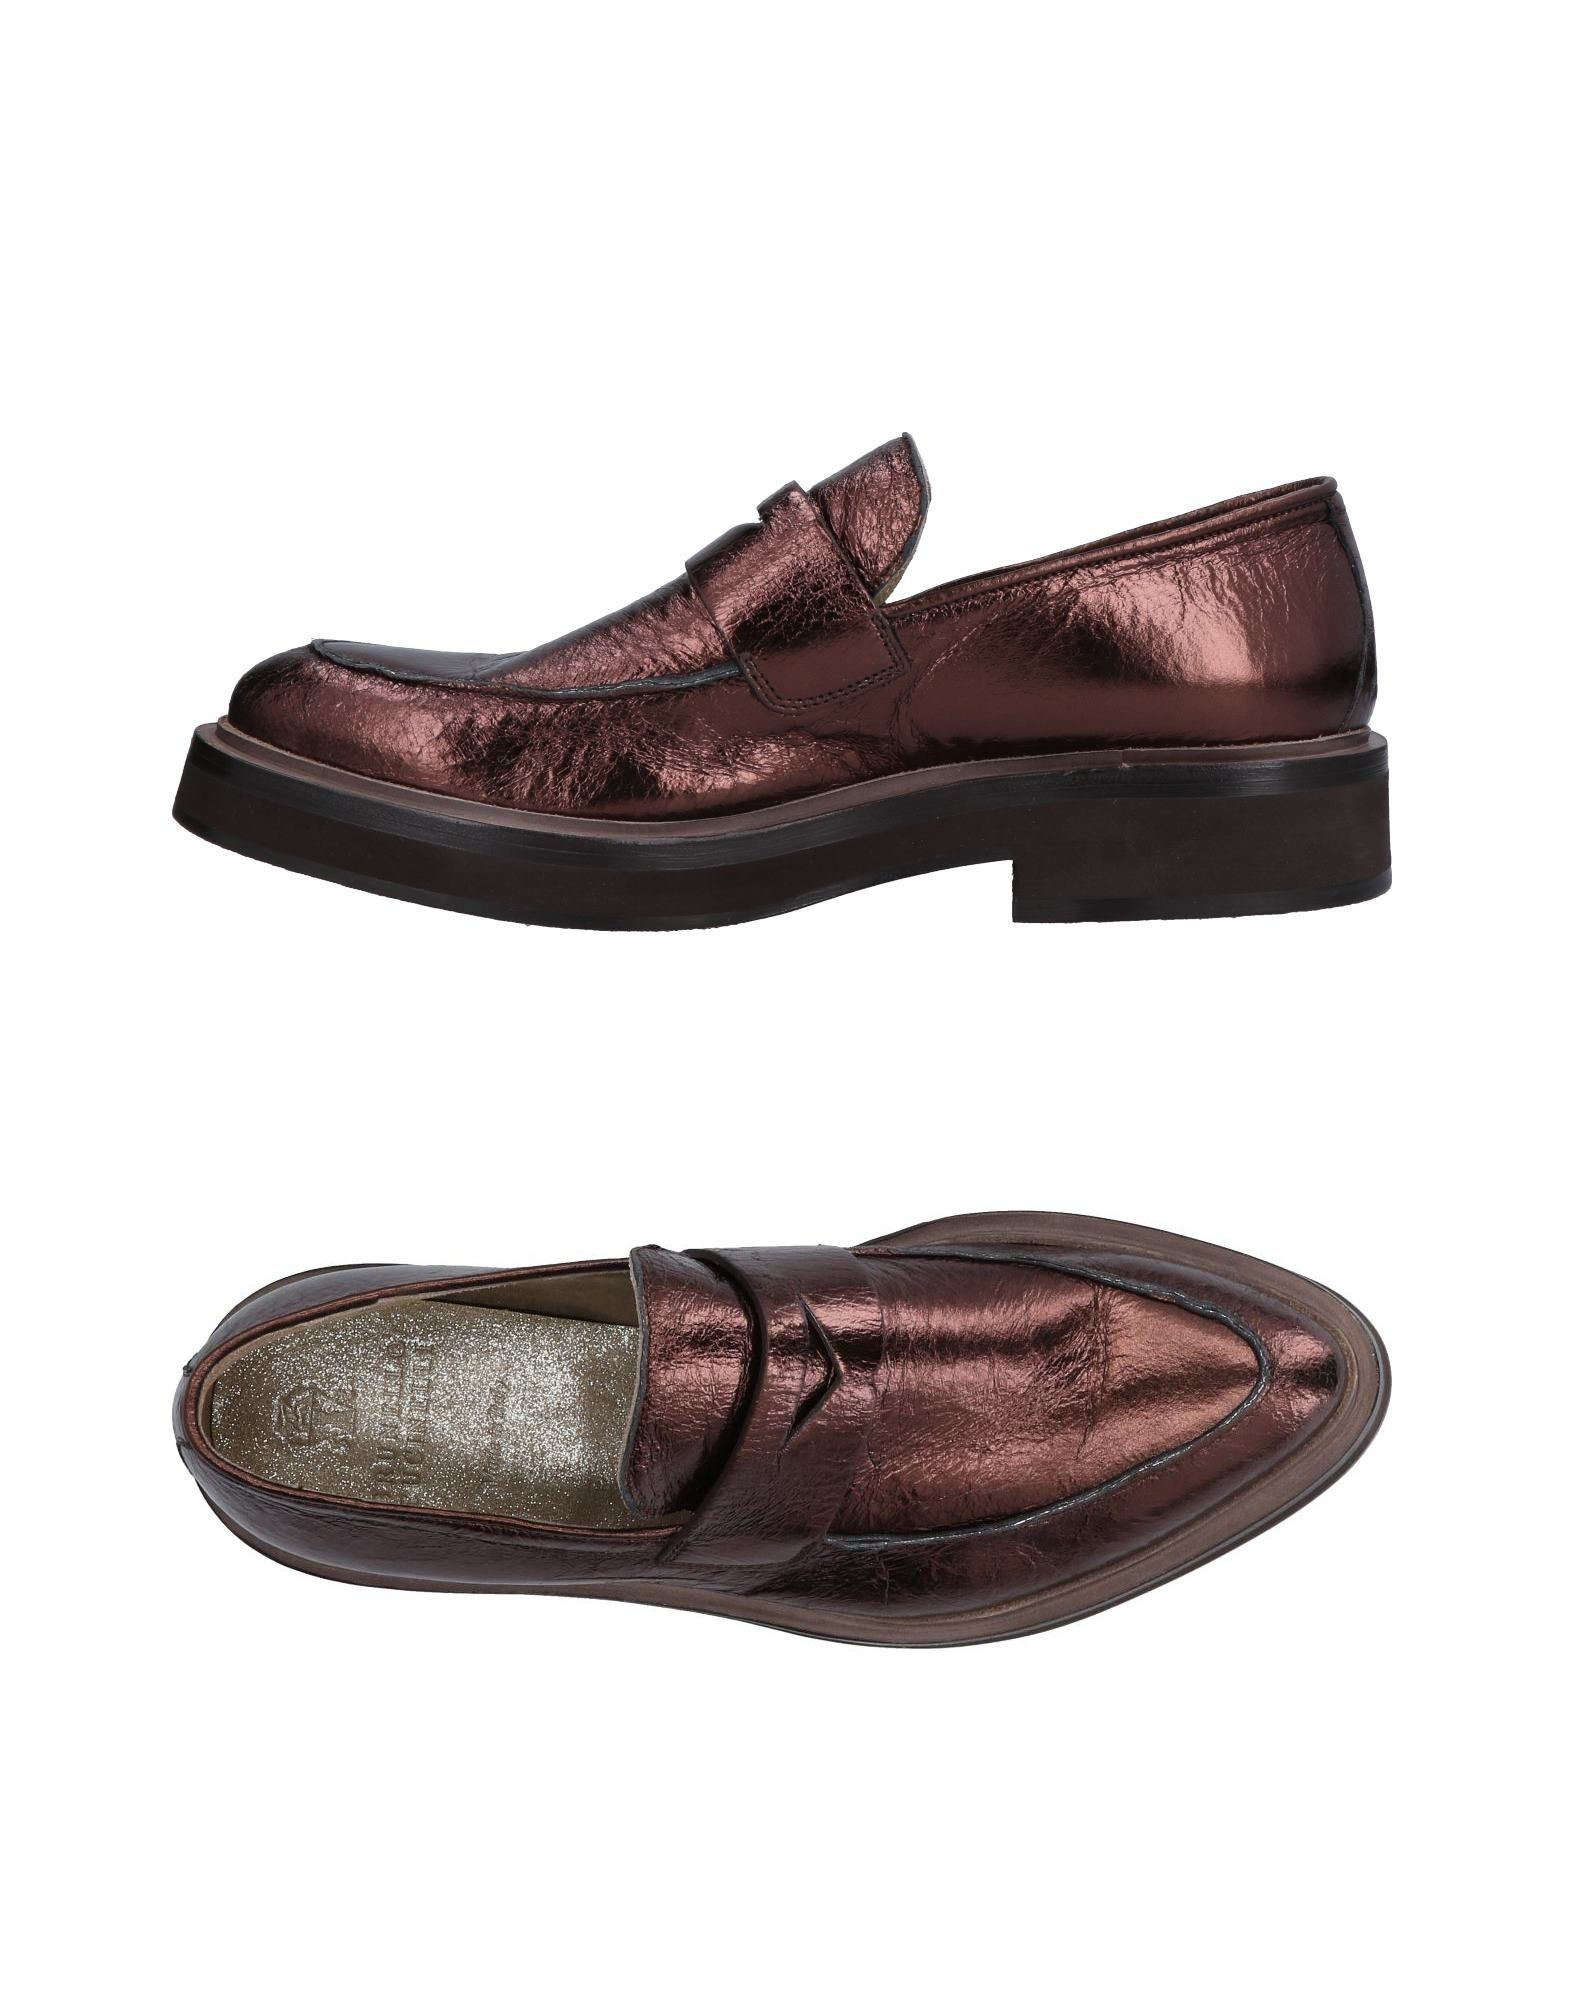 Brunello Cucinelli gut Mokassins Damen  11488285WEGünstige gut Cucinelli aussehende Schuhe 004530